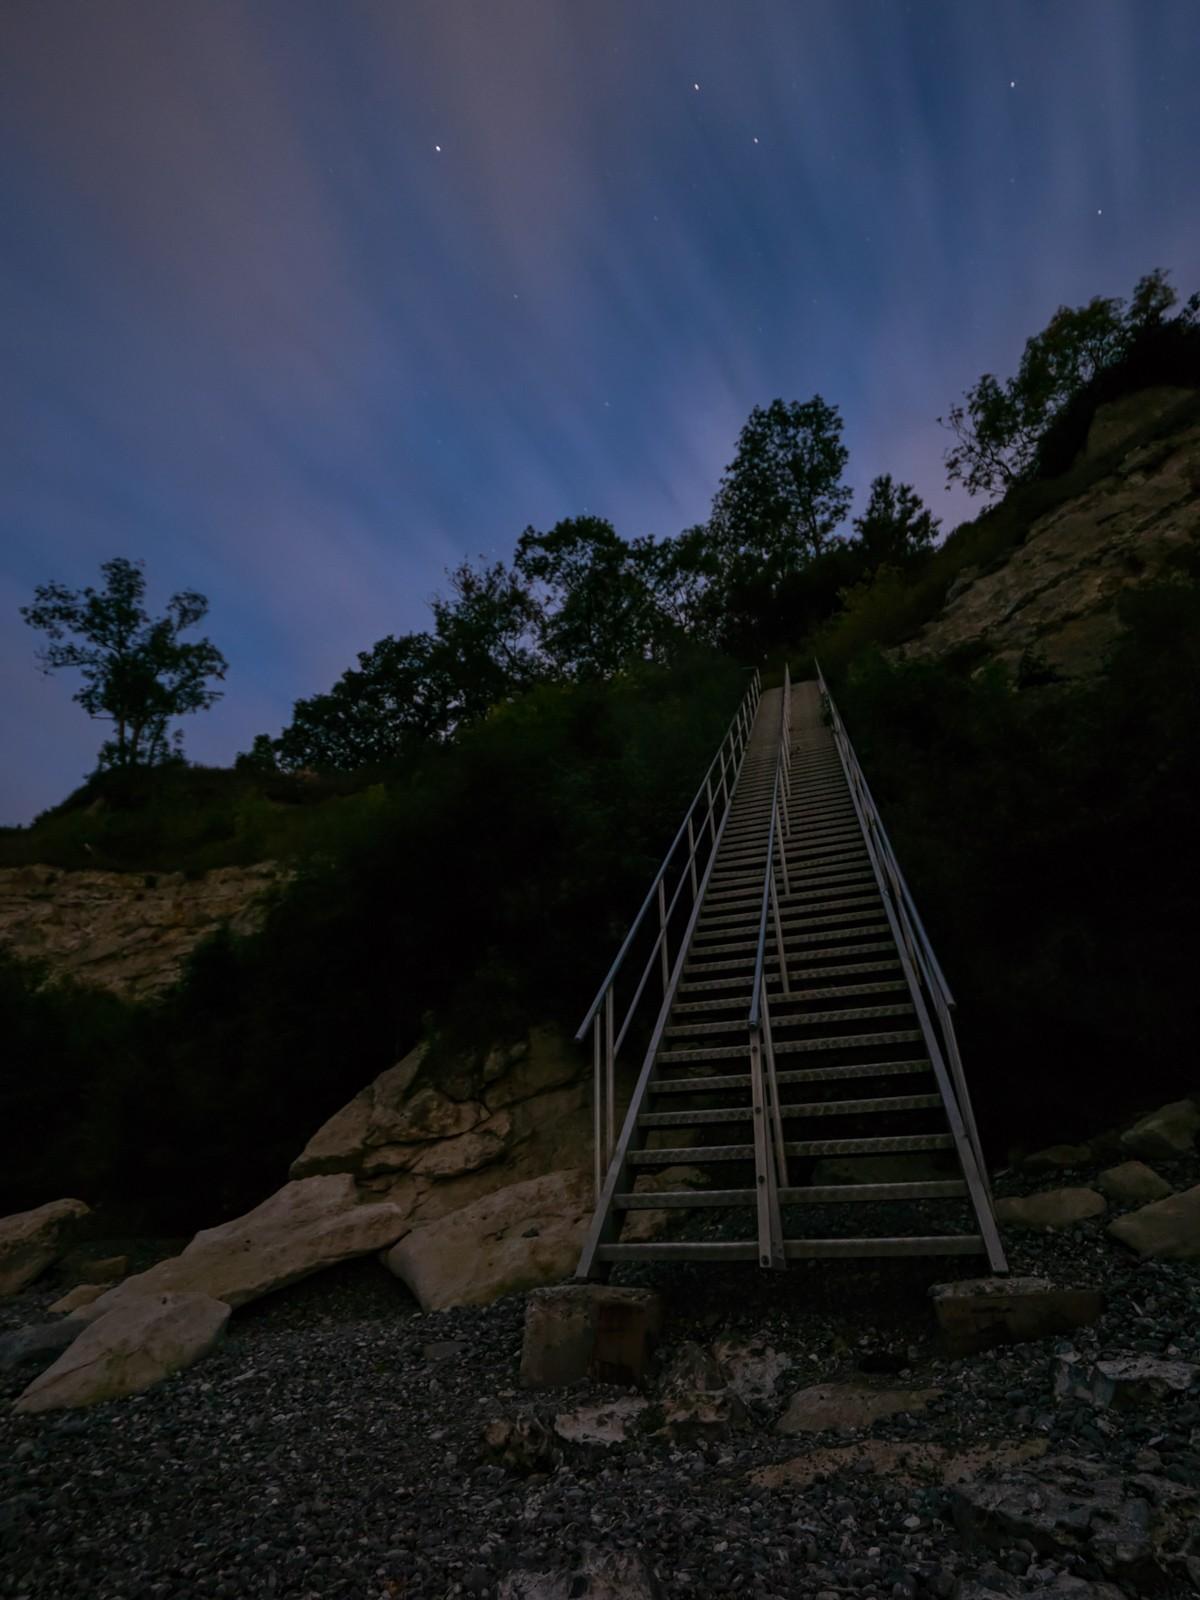 Stevns Klint - trappen set nedefra, nattebillede med lang eskponering